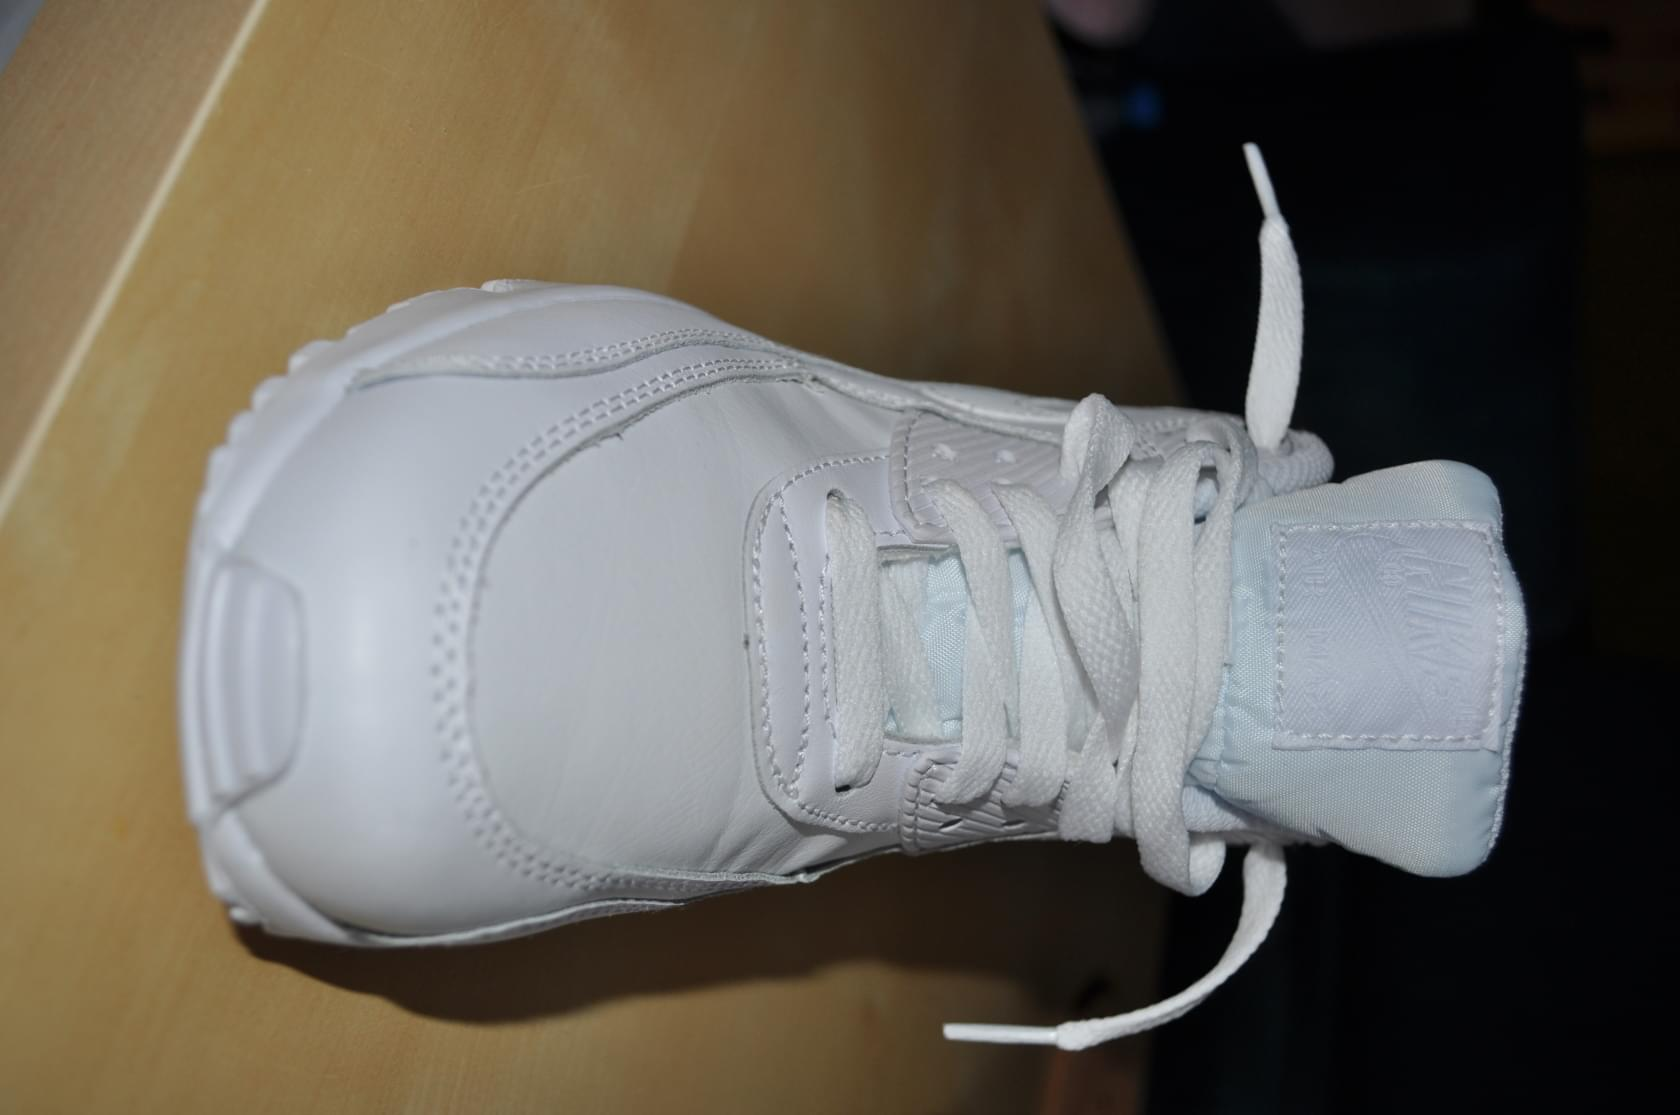 51c46269 Jak rozpoznać podróbki Nike Air Max? - Wszystko o butach